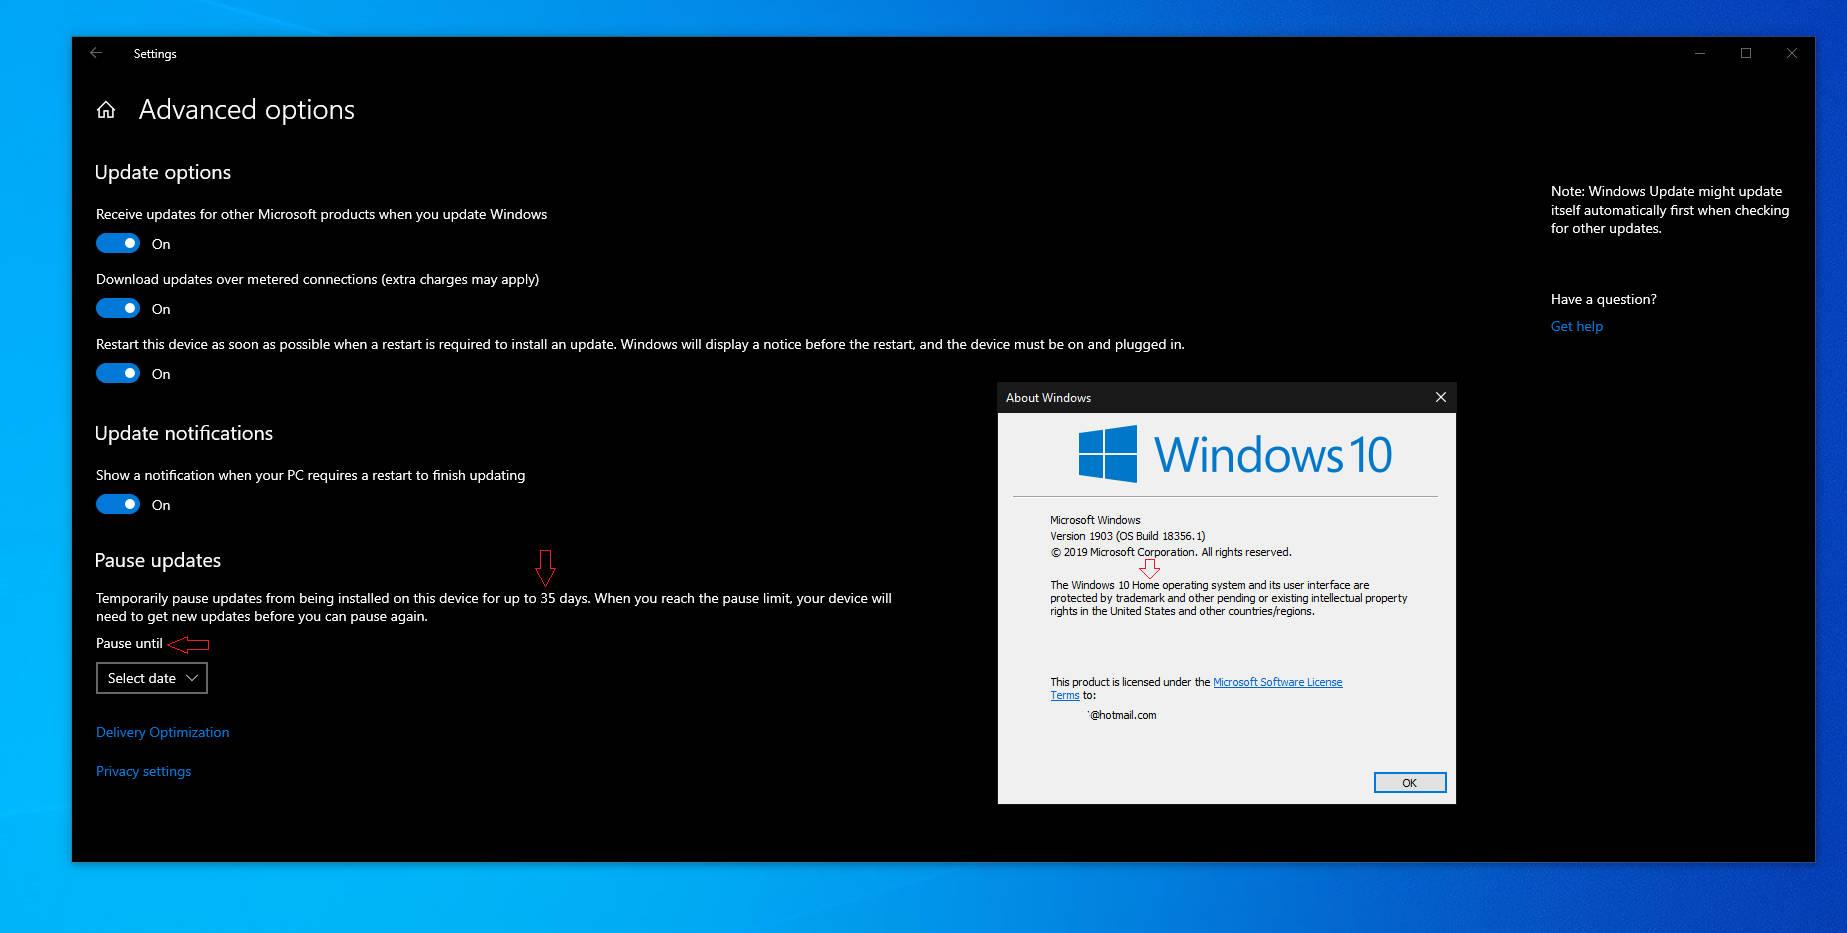 Windows 10 1903 Home opóźnianie aktualizacji z Windows Update pauzowanie kiedy premiera